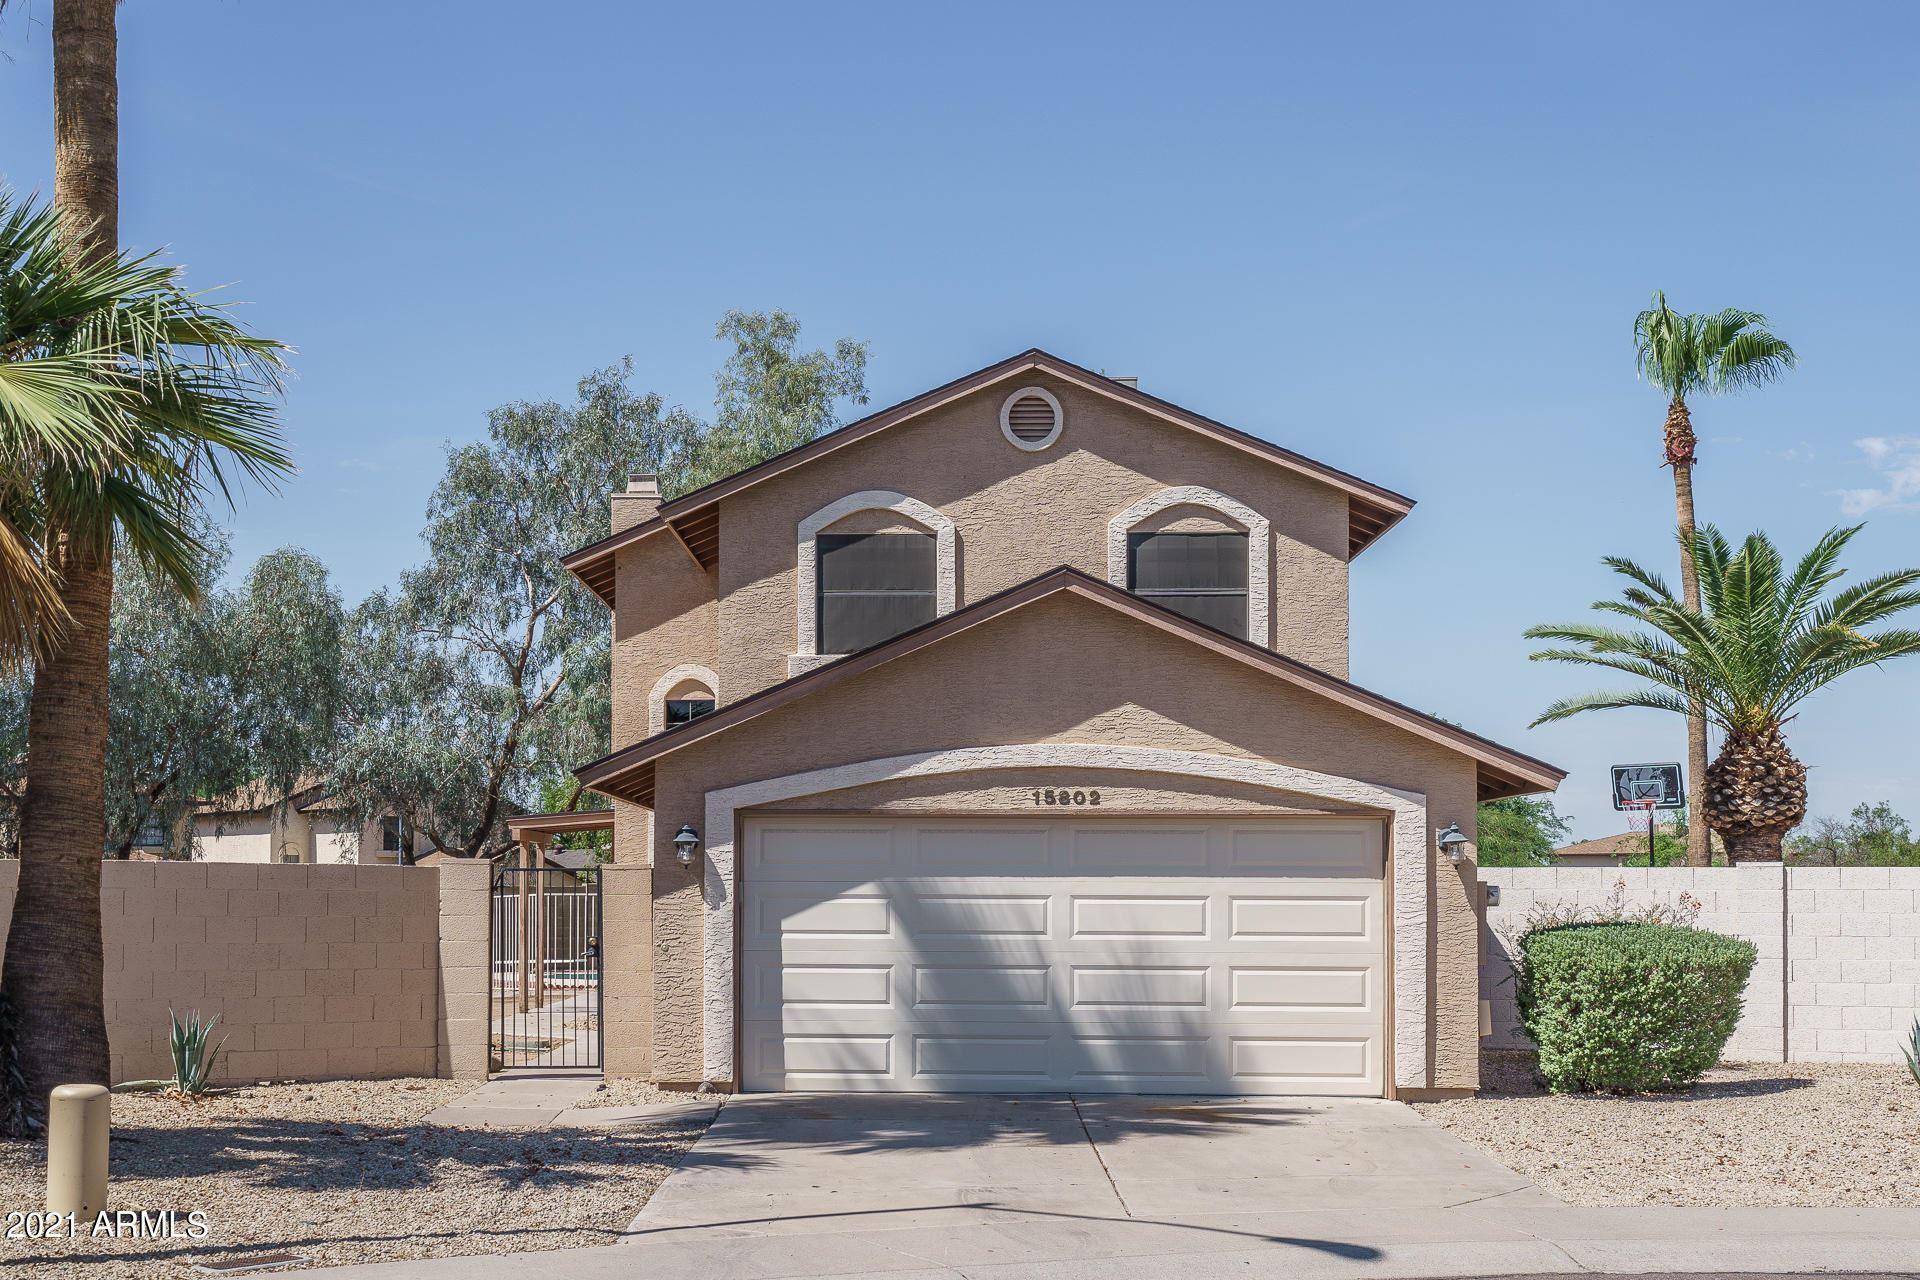 15802 N 37TH Drive, Phoenix, AZ 85053 - MLS#: 6261234